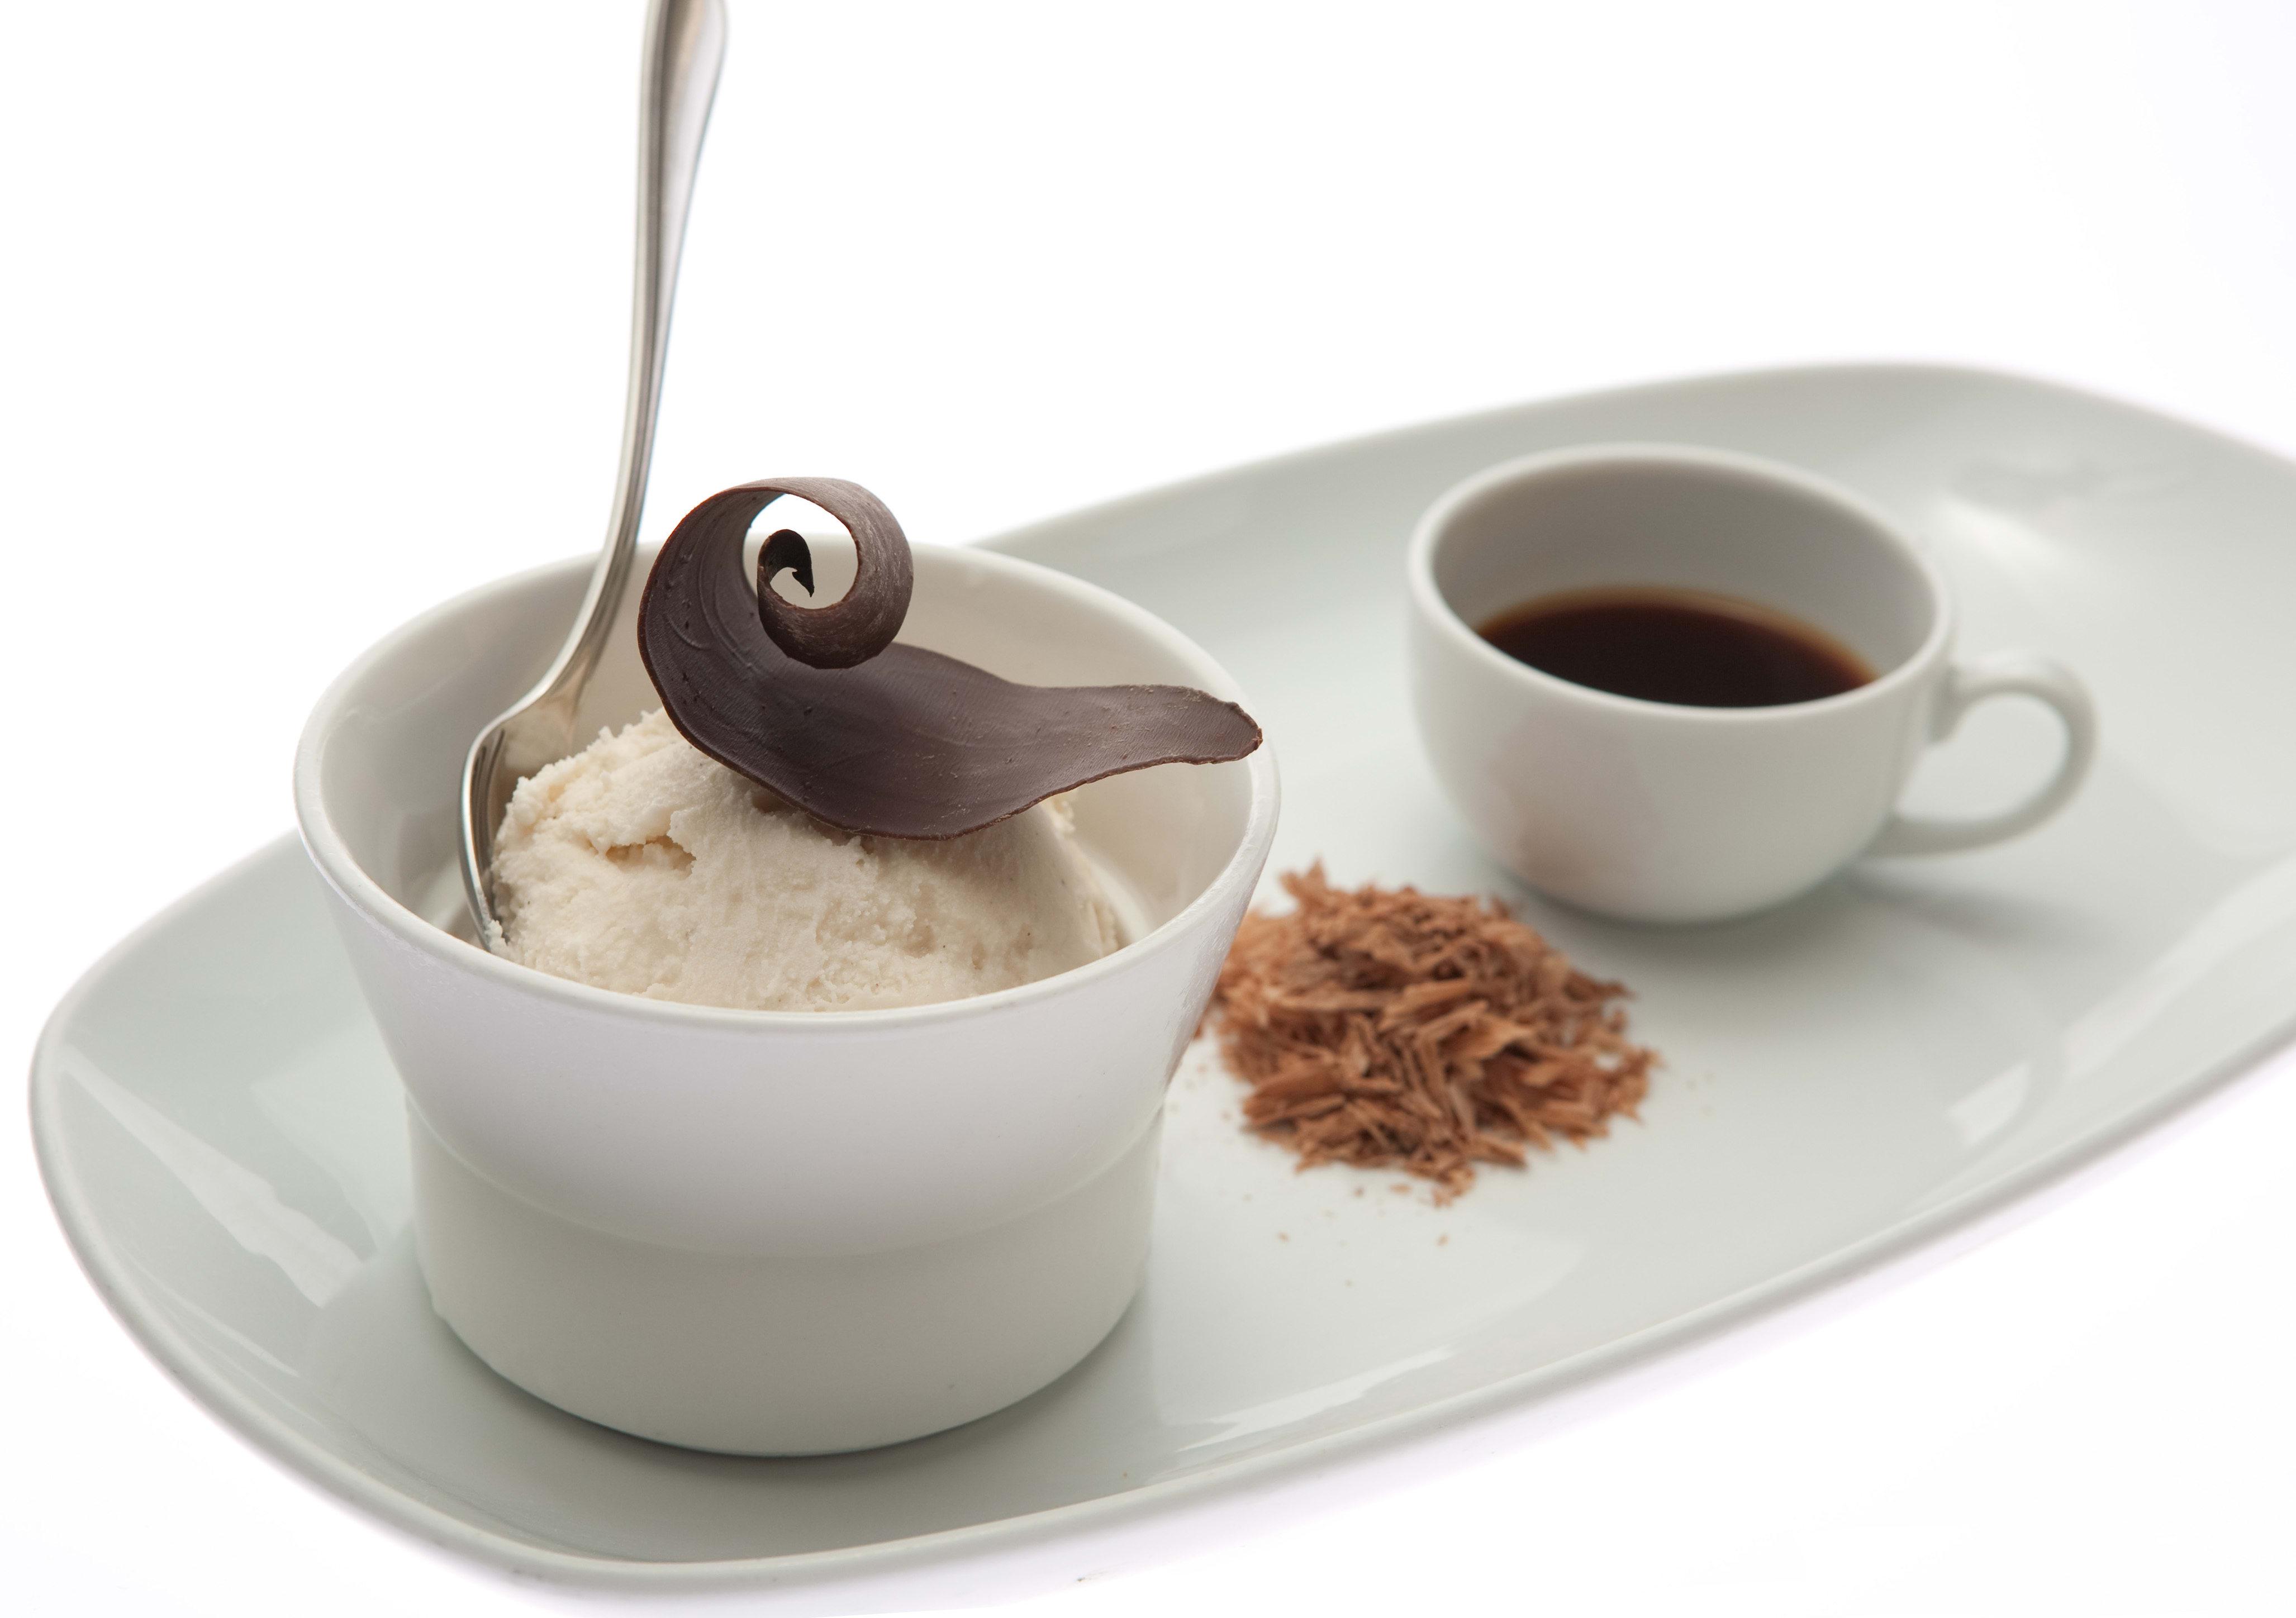 Affogato al Cioccolato at TusCa